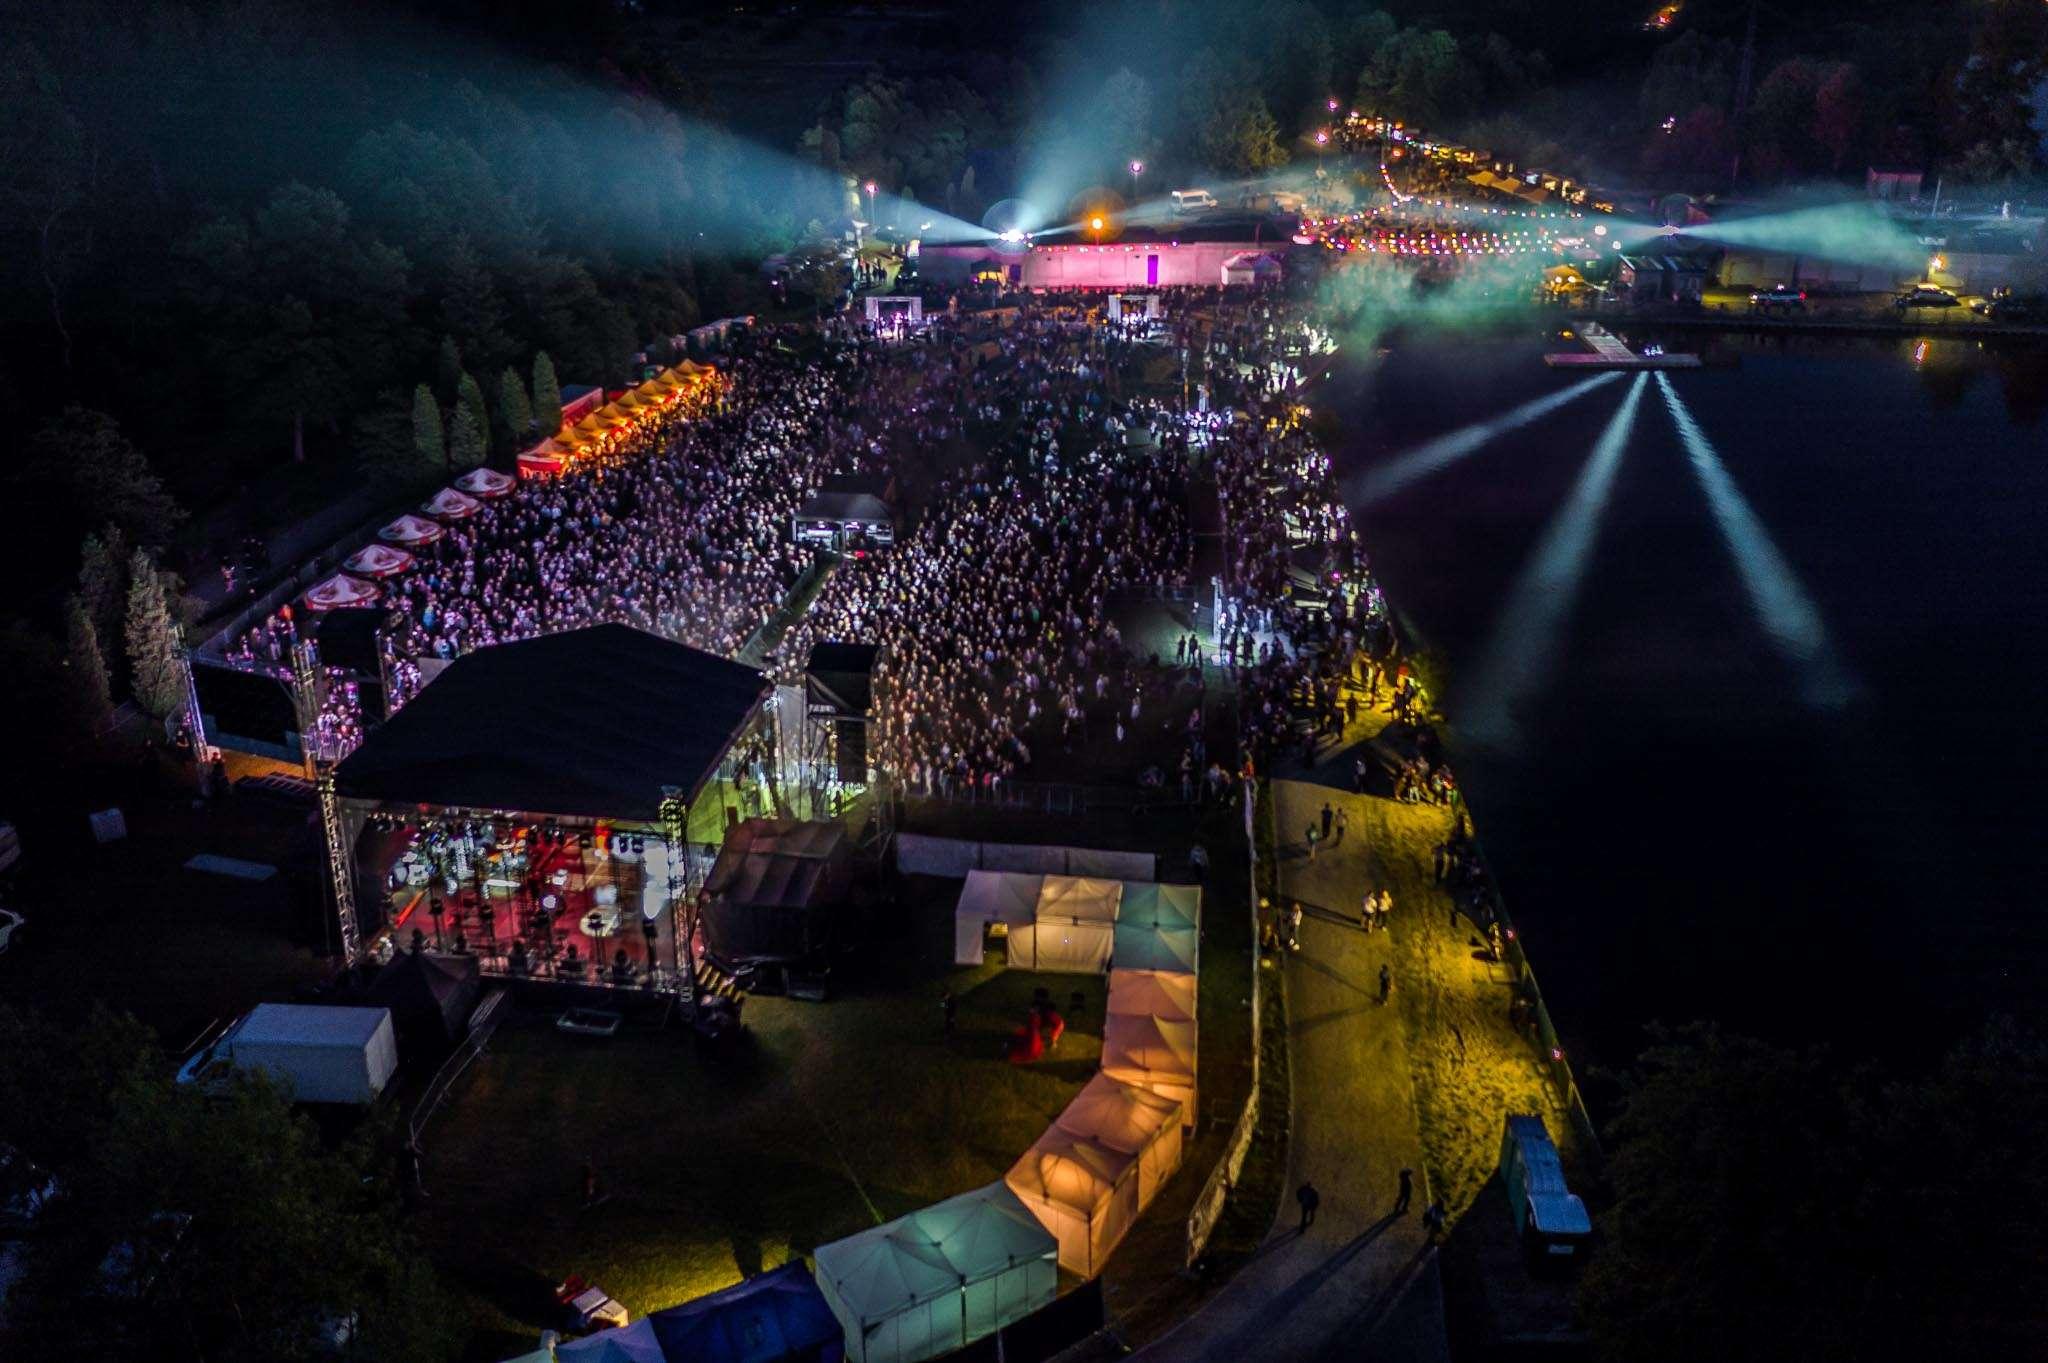 widok na scenę i publiczność z lotu ptaka podczas koncertu frytka off